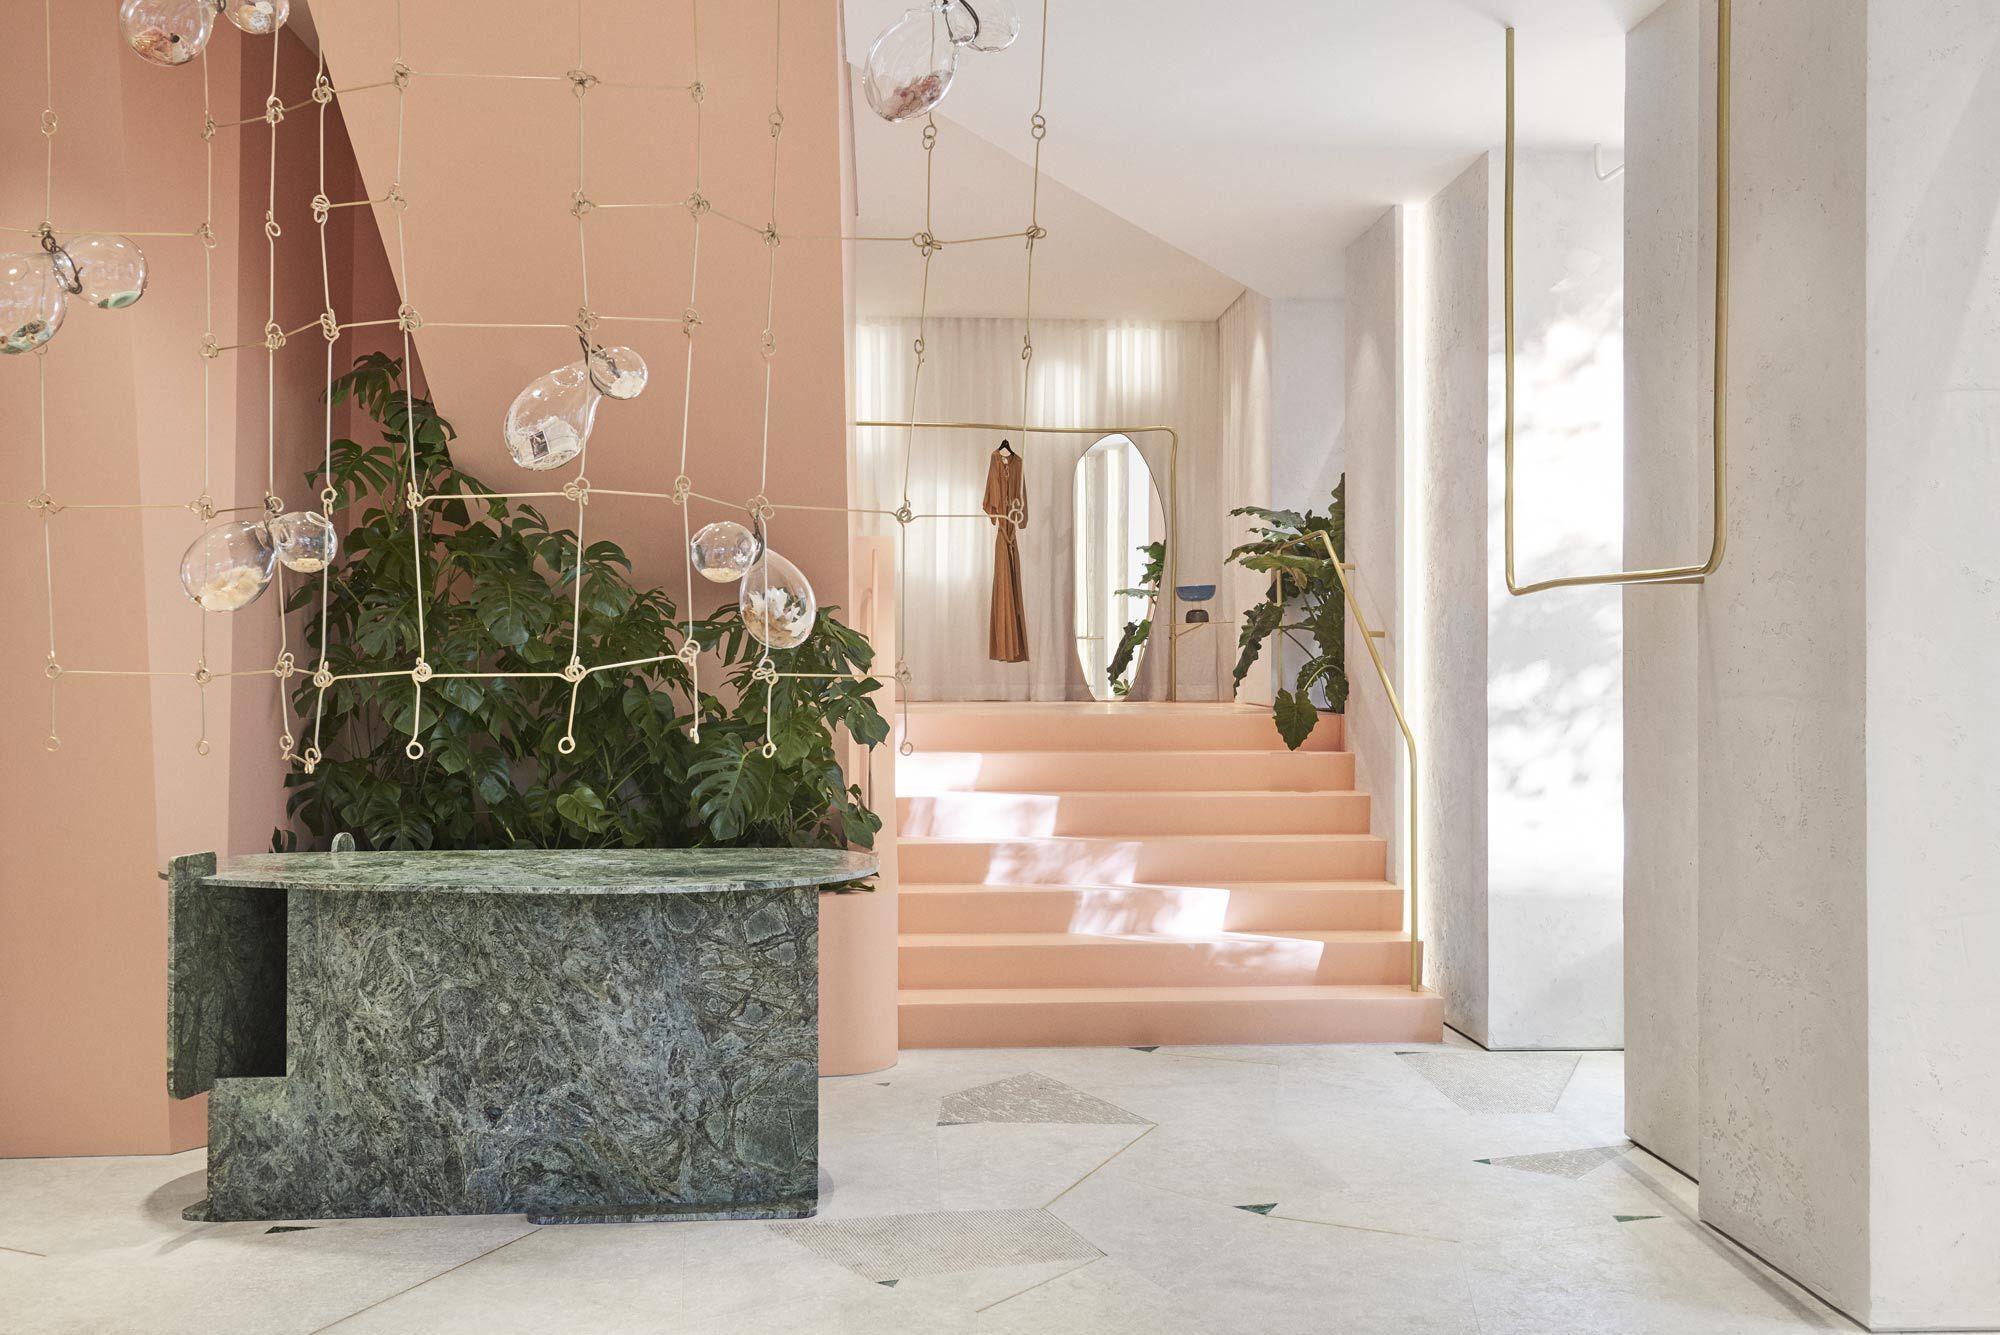 In der Boutique Forte Forte in Madrid bilden geometrisch geformte Säulen und Wände sowie Oberflächen aus verschiedenfarbigem Naturstein die Kulisse für die Kollektionen des italienischen Modelabels.